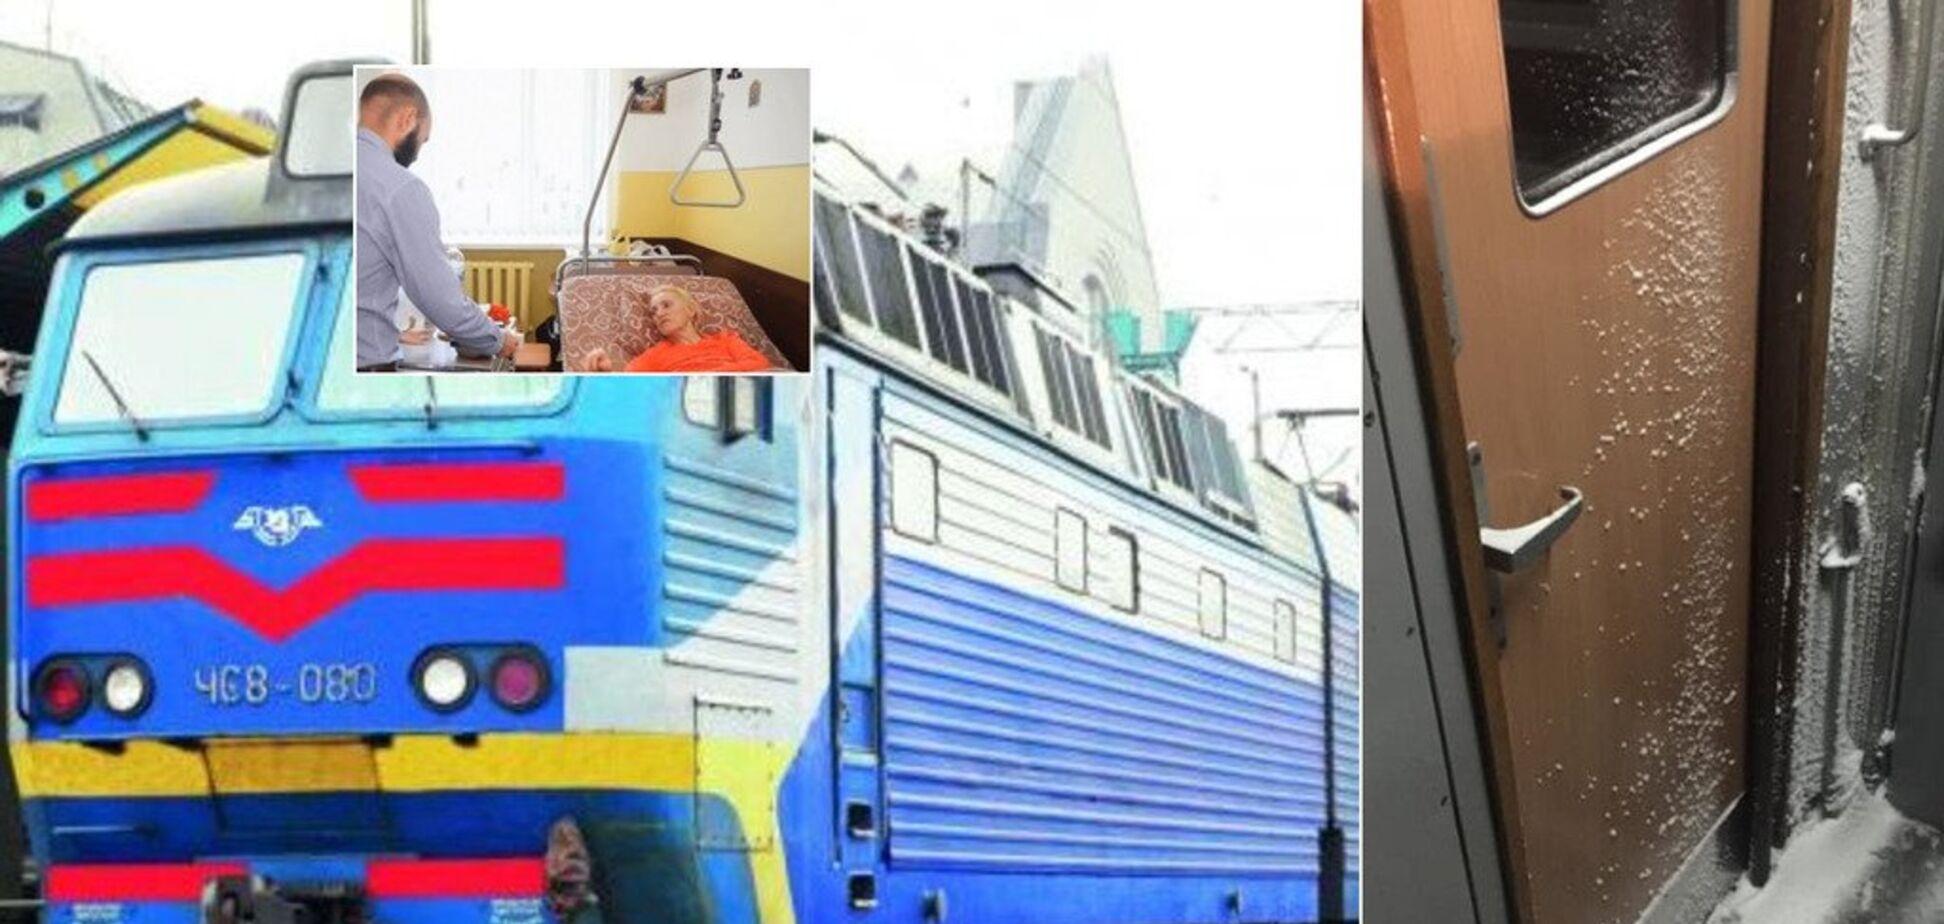 ''Пасажирка півроку не зможе працювати, а тарганів труїти нічим'': в українських потягах стає небезпечно